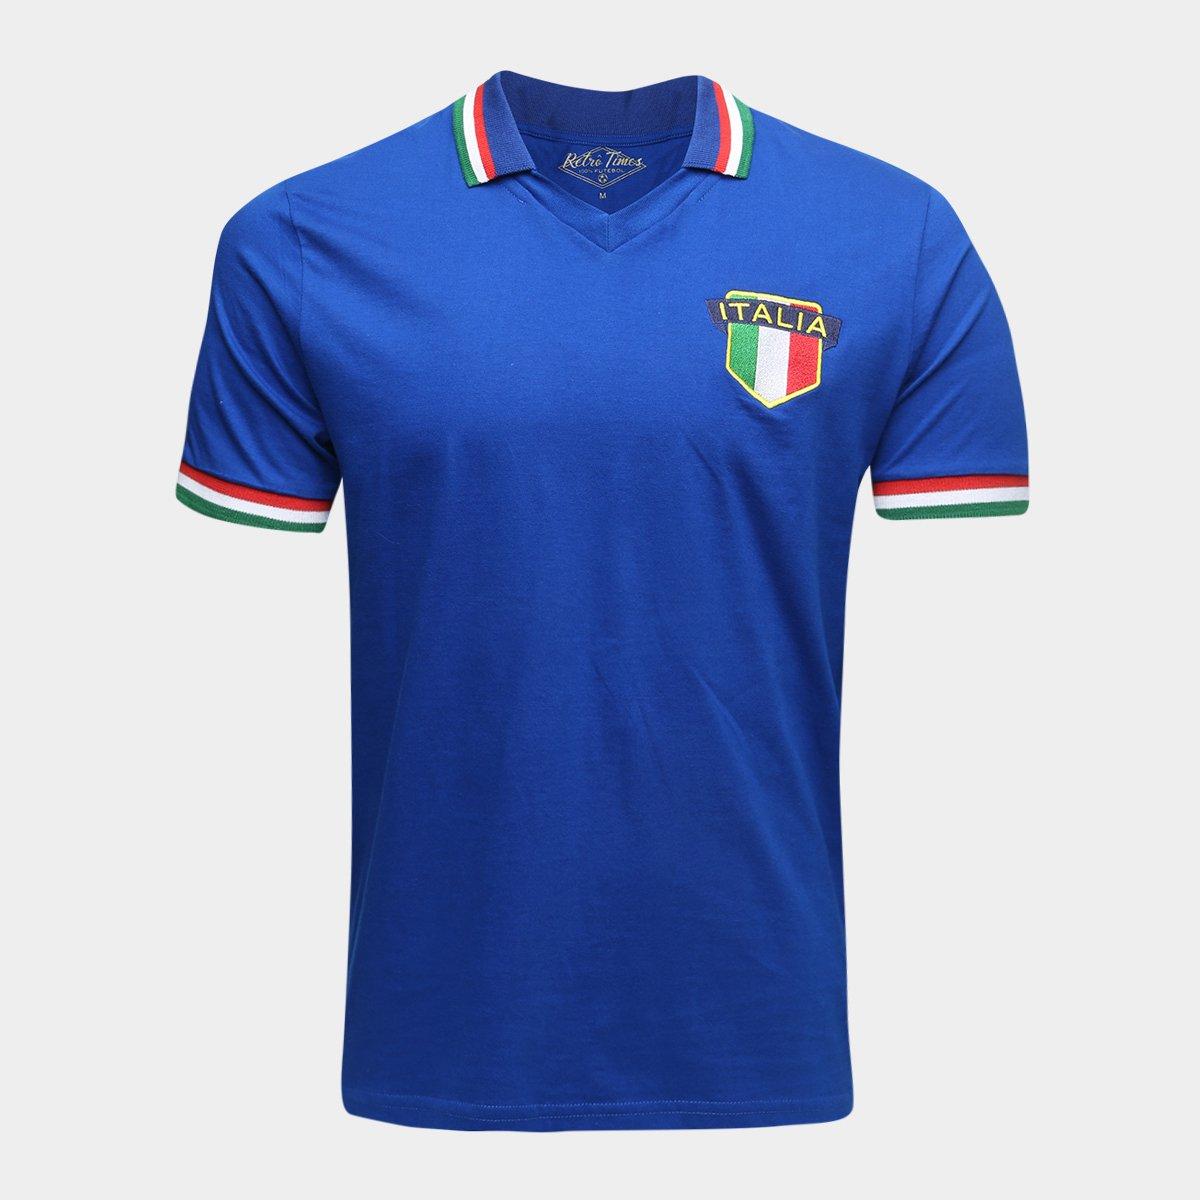 3c161677ad Camisa Polo Itália 1982 Retrô Times Masculina - Compre Agora